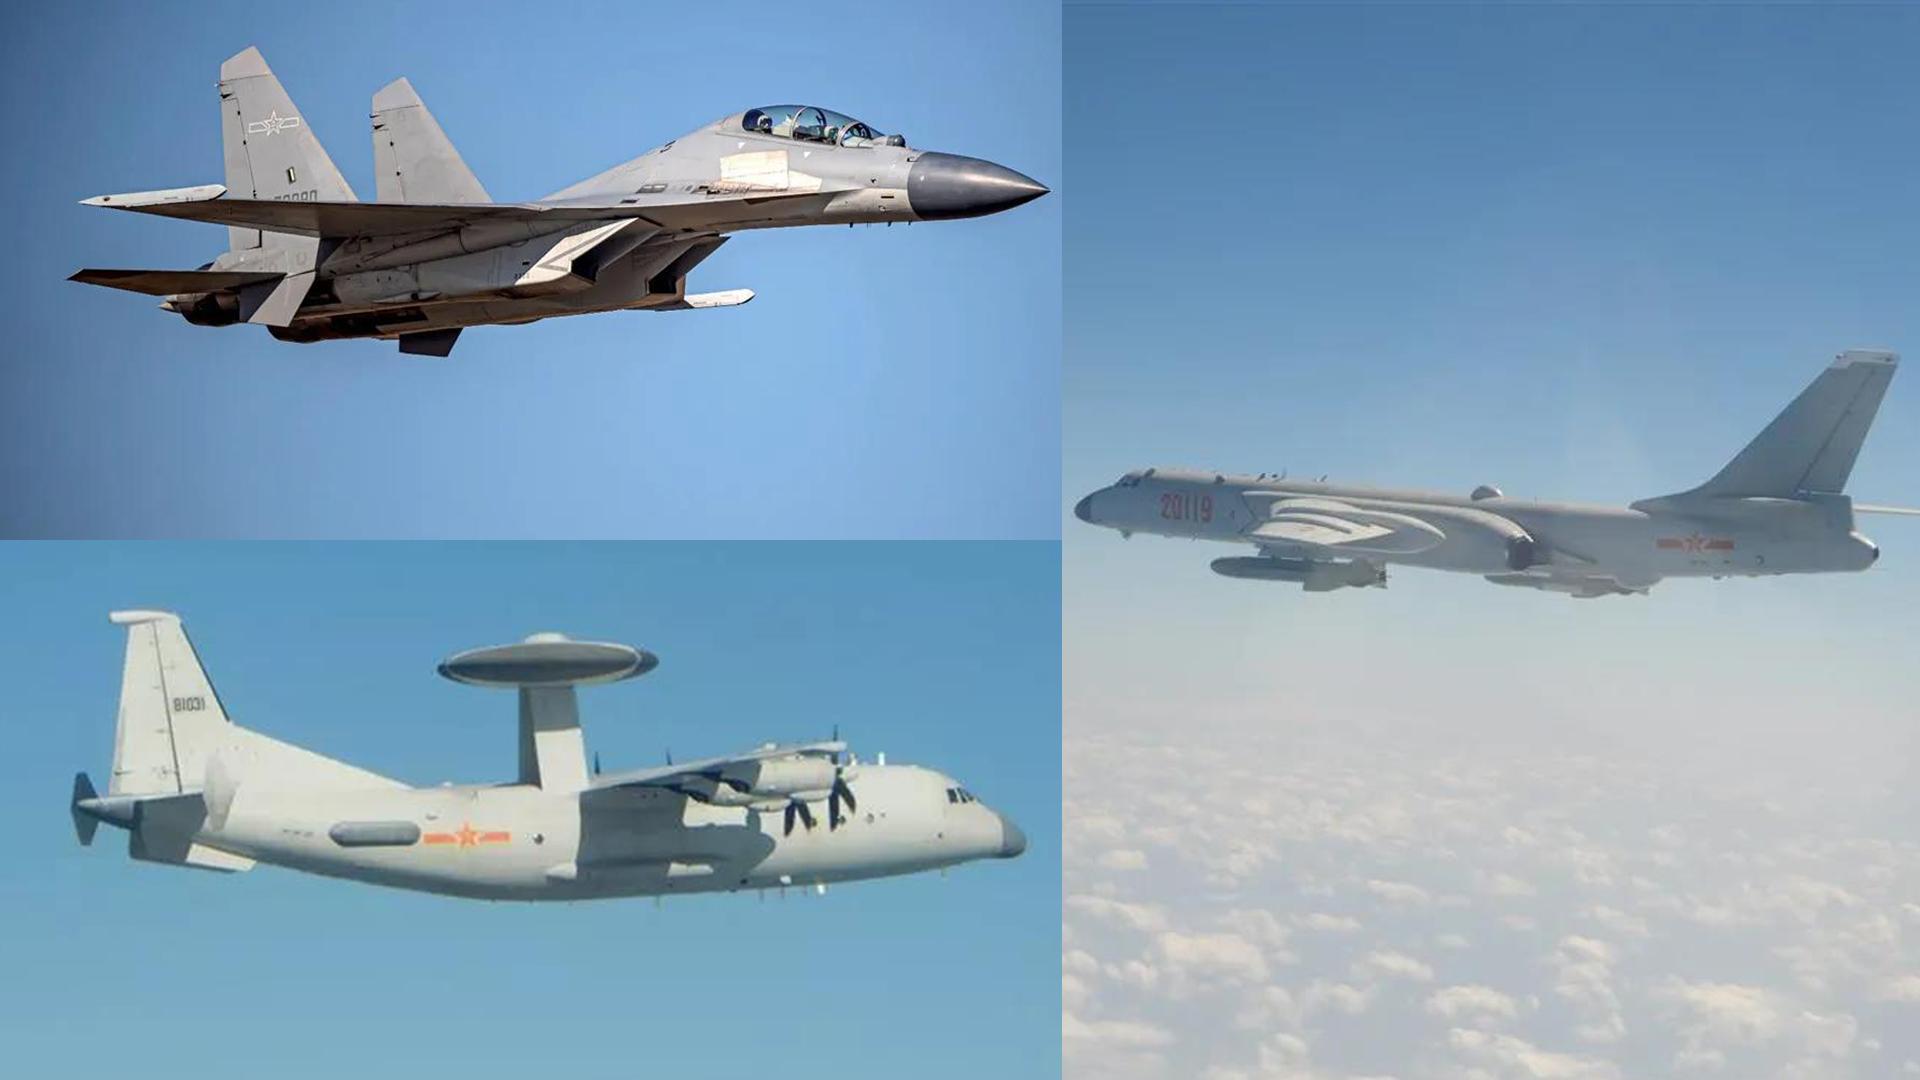 25架集群出动 解放军战机最大规模巡飞台湾岛!